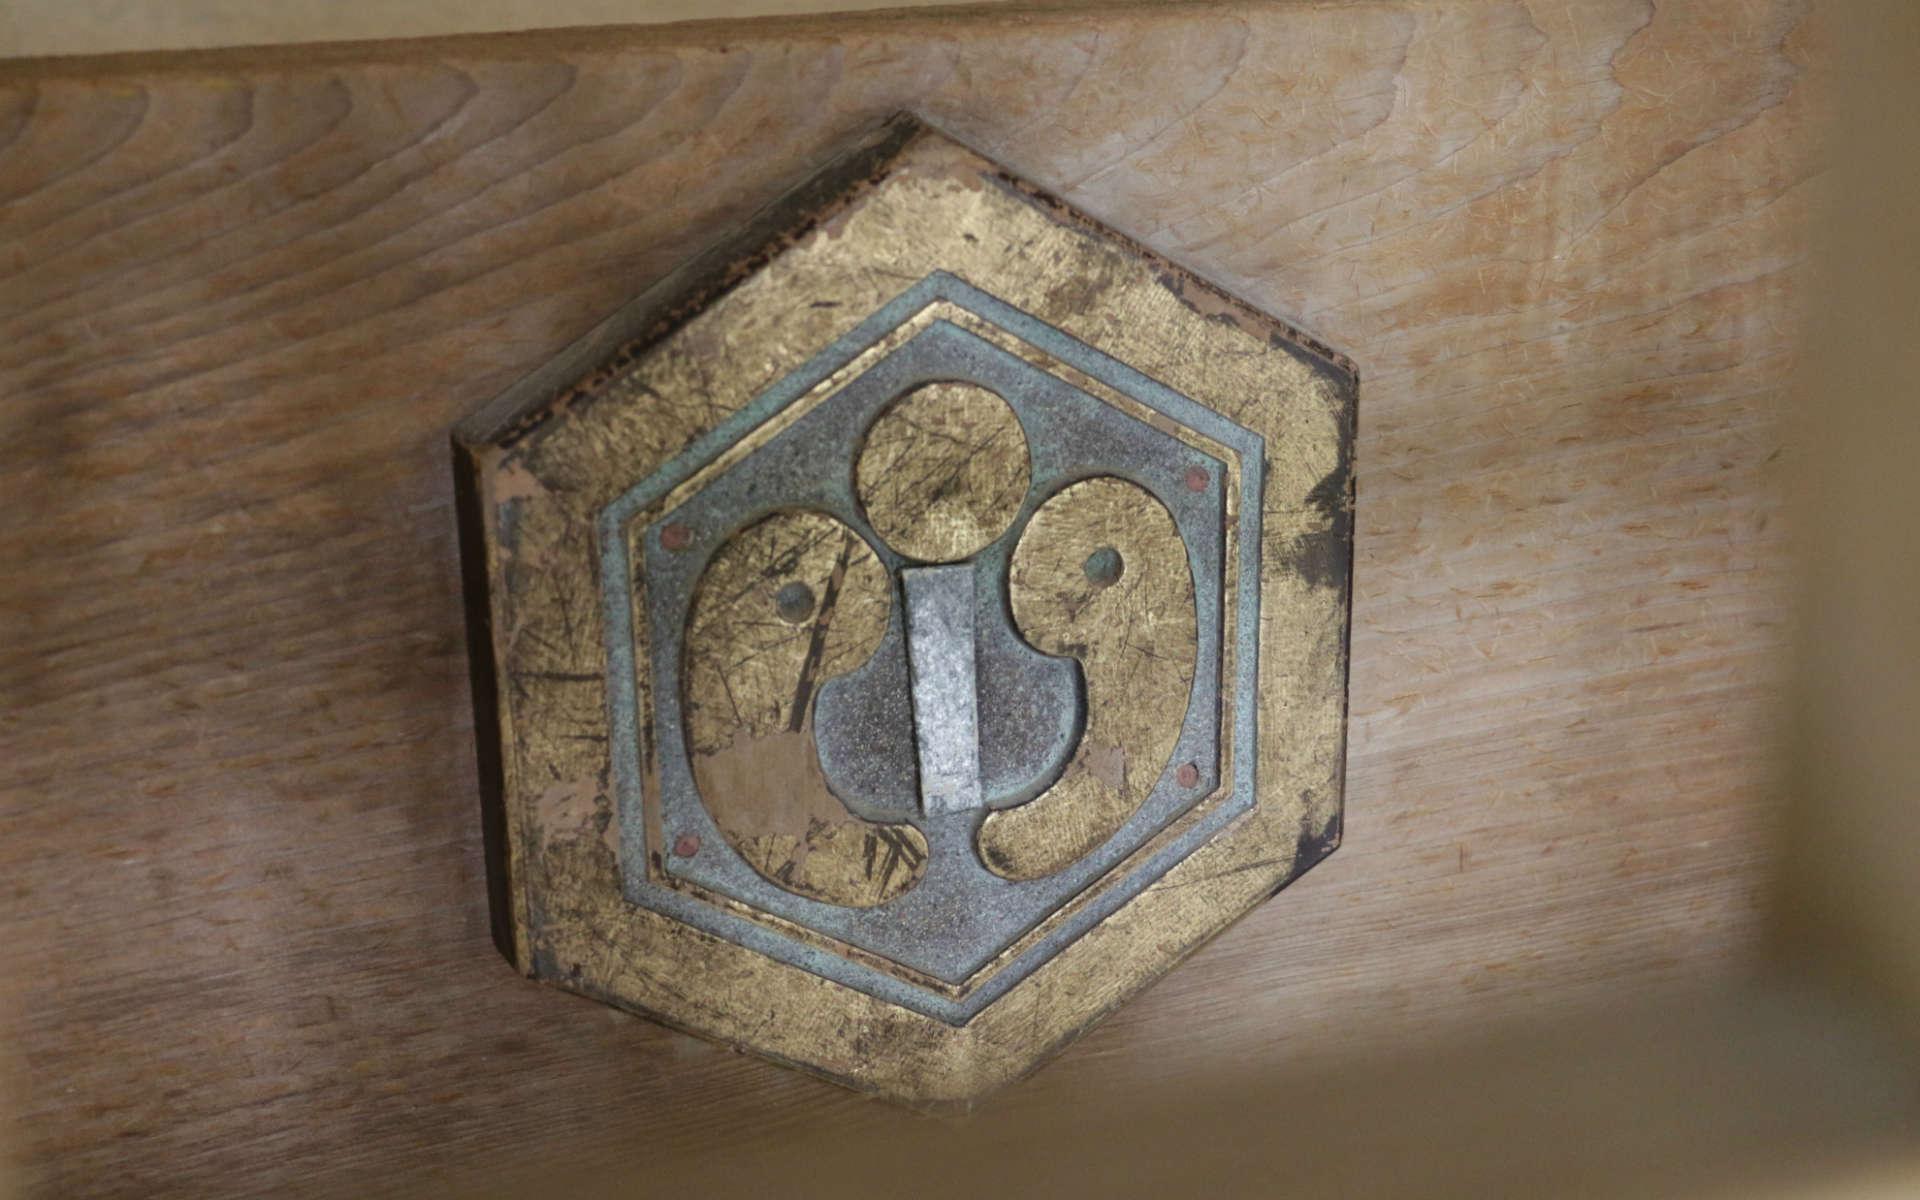 神社の家紋、神紋 (しんもん) にも勾玉が象られている